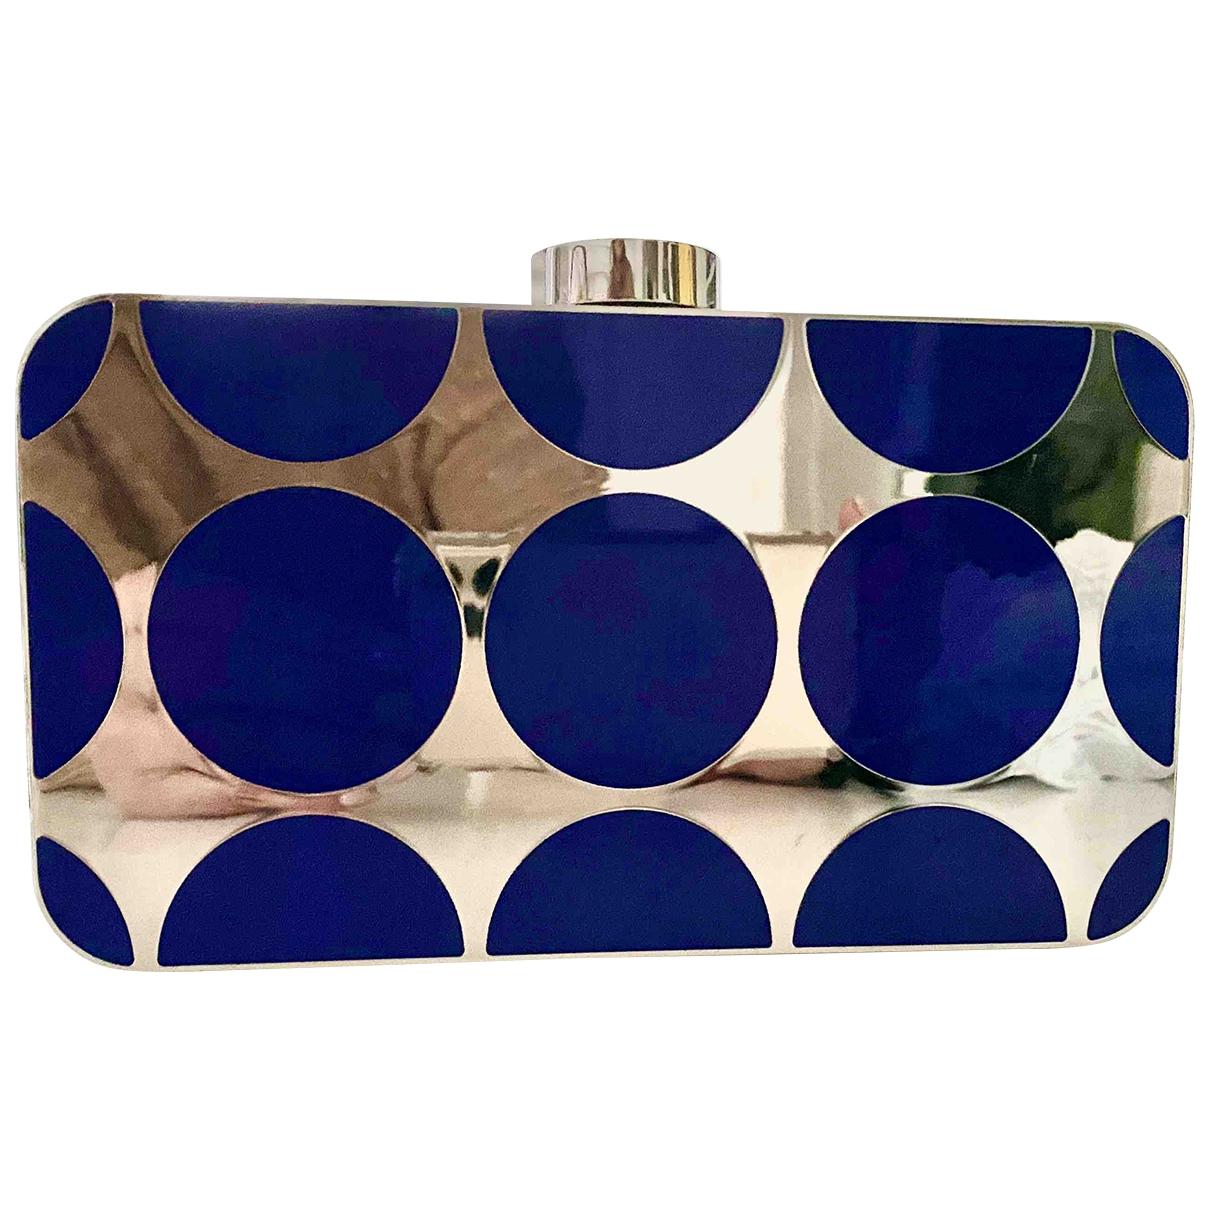 Manolo Blahnik \N Metallic Metal Clutch bag for Women \N